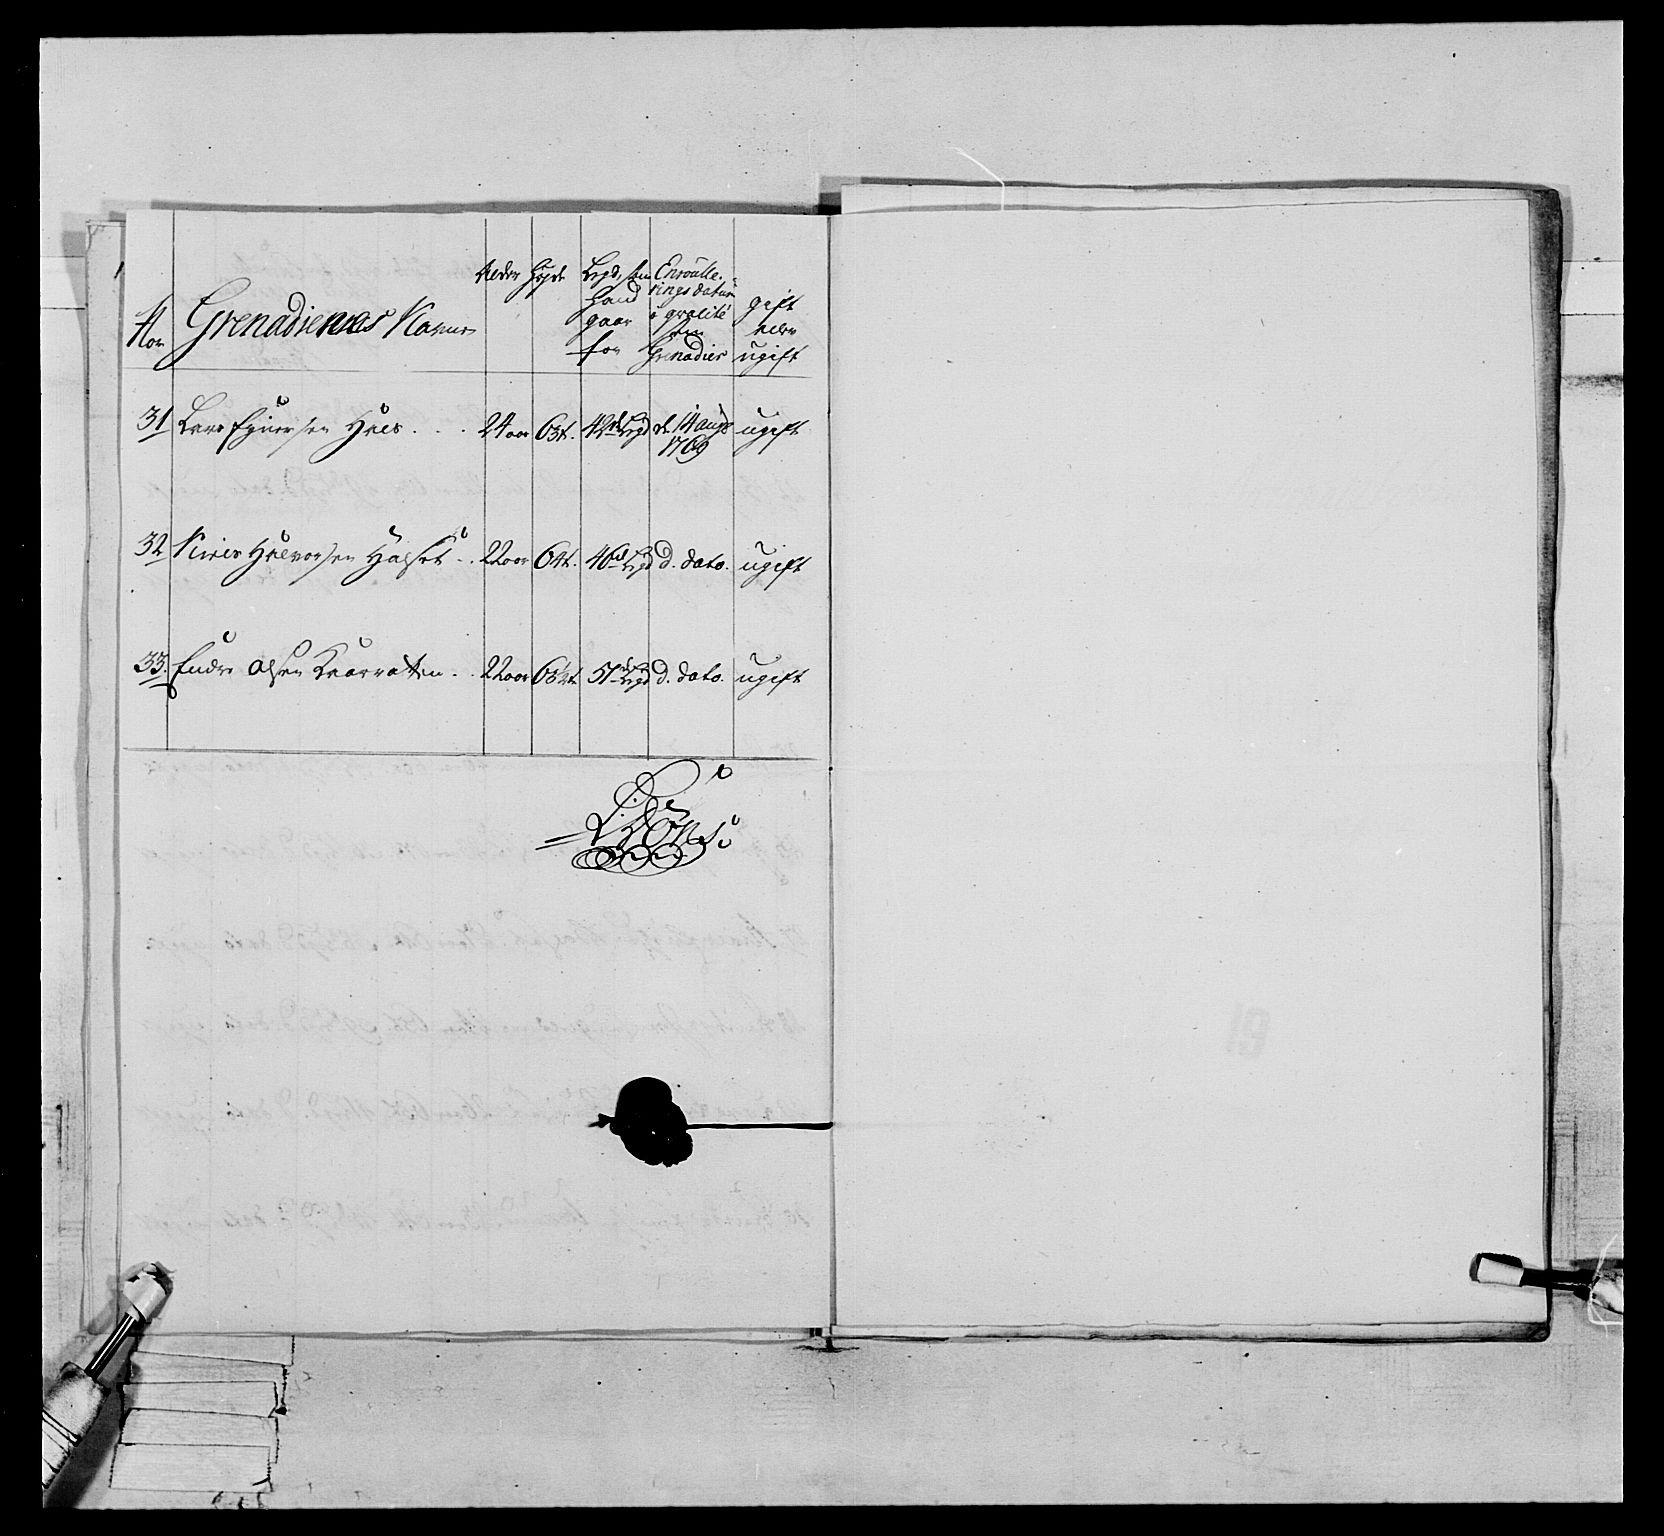 RA, Generalitets- og kommissariatskollegiet, Det kongelige norske kommissariatskollegium, E/Eh/L0076: 2. Trondheimske nasjonale infanteriregiment, 1766-1773, s. 37